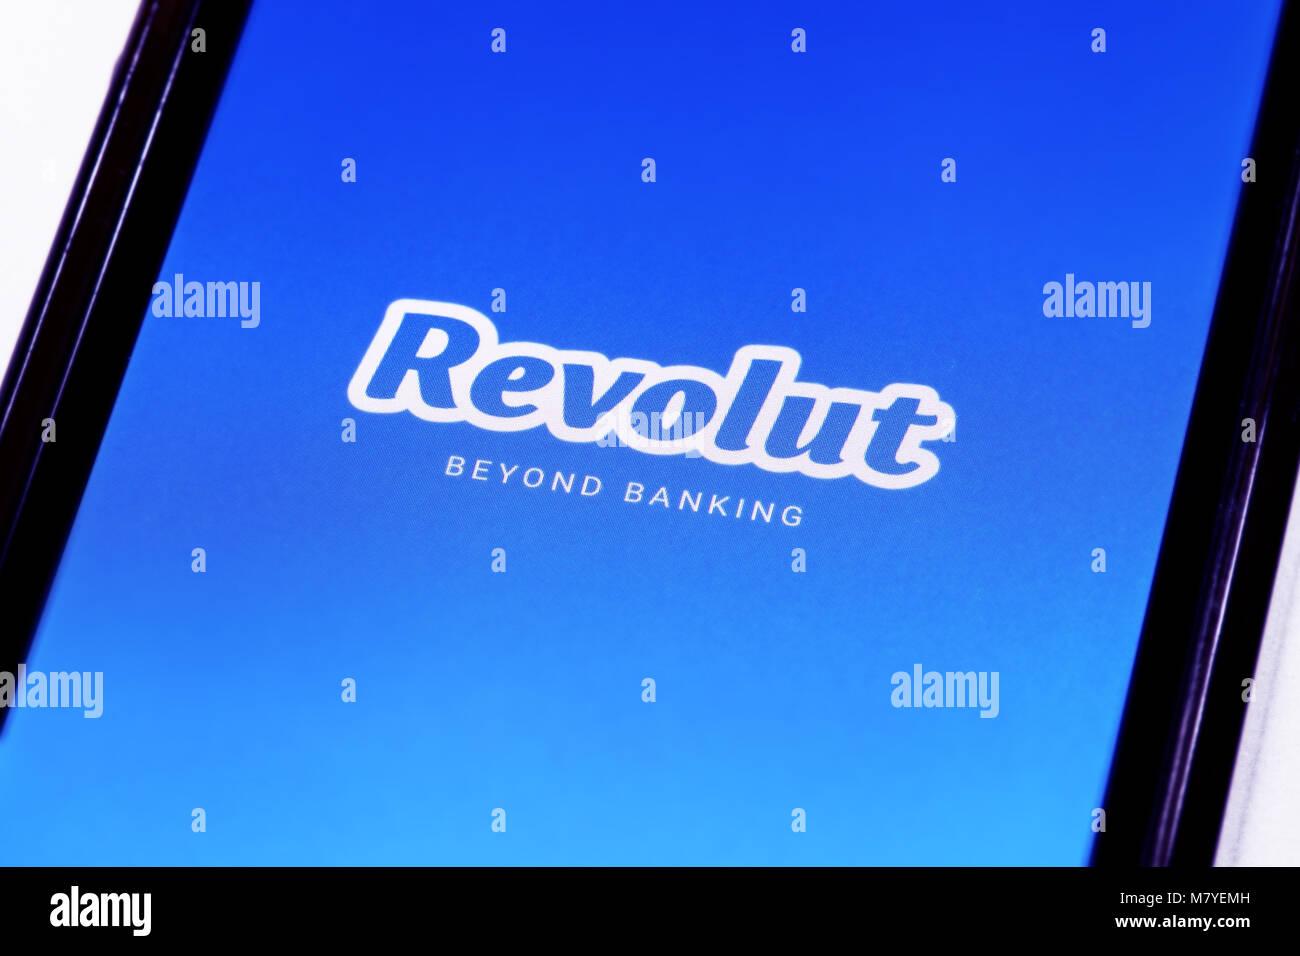 Revolut logo   branding. Revolut è un secure mobile basato su conto  corrente che consente 4df788e0d47d